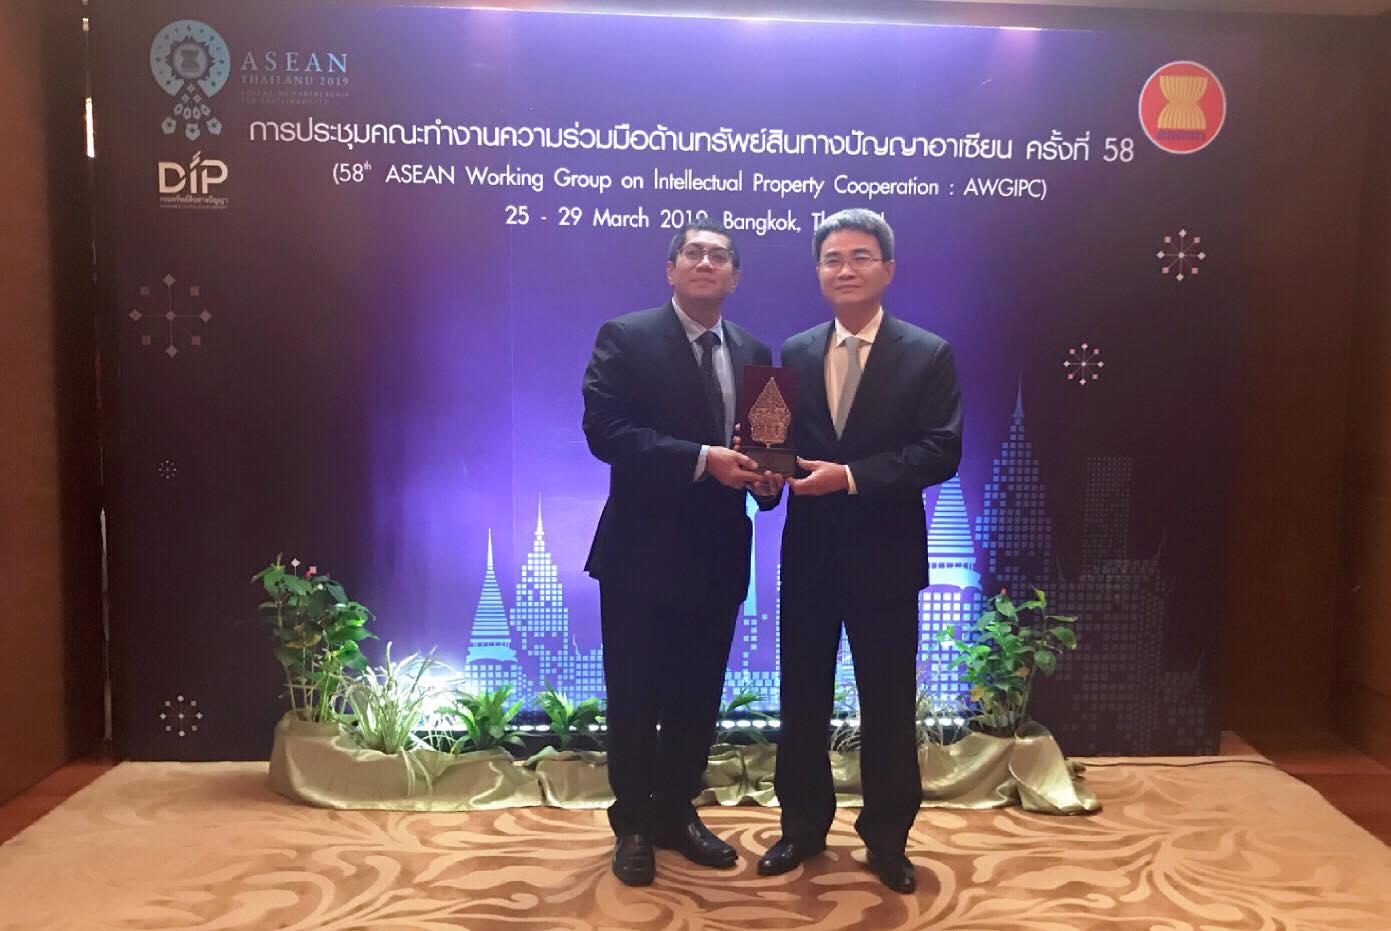 Cục trưởng Đinh Hữu Phí tiếp nhận vị trí Chủ tịch AWGIPC từ Indonesia